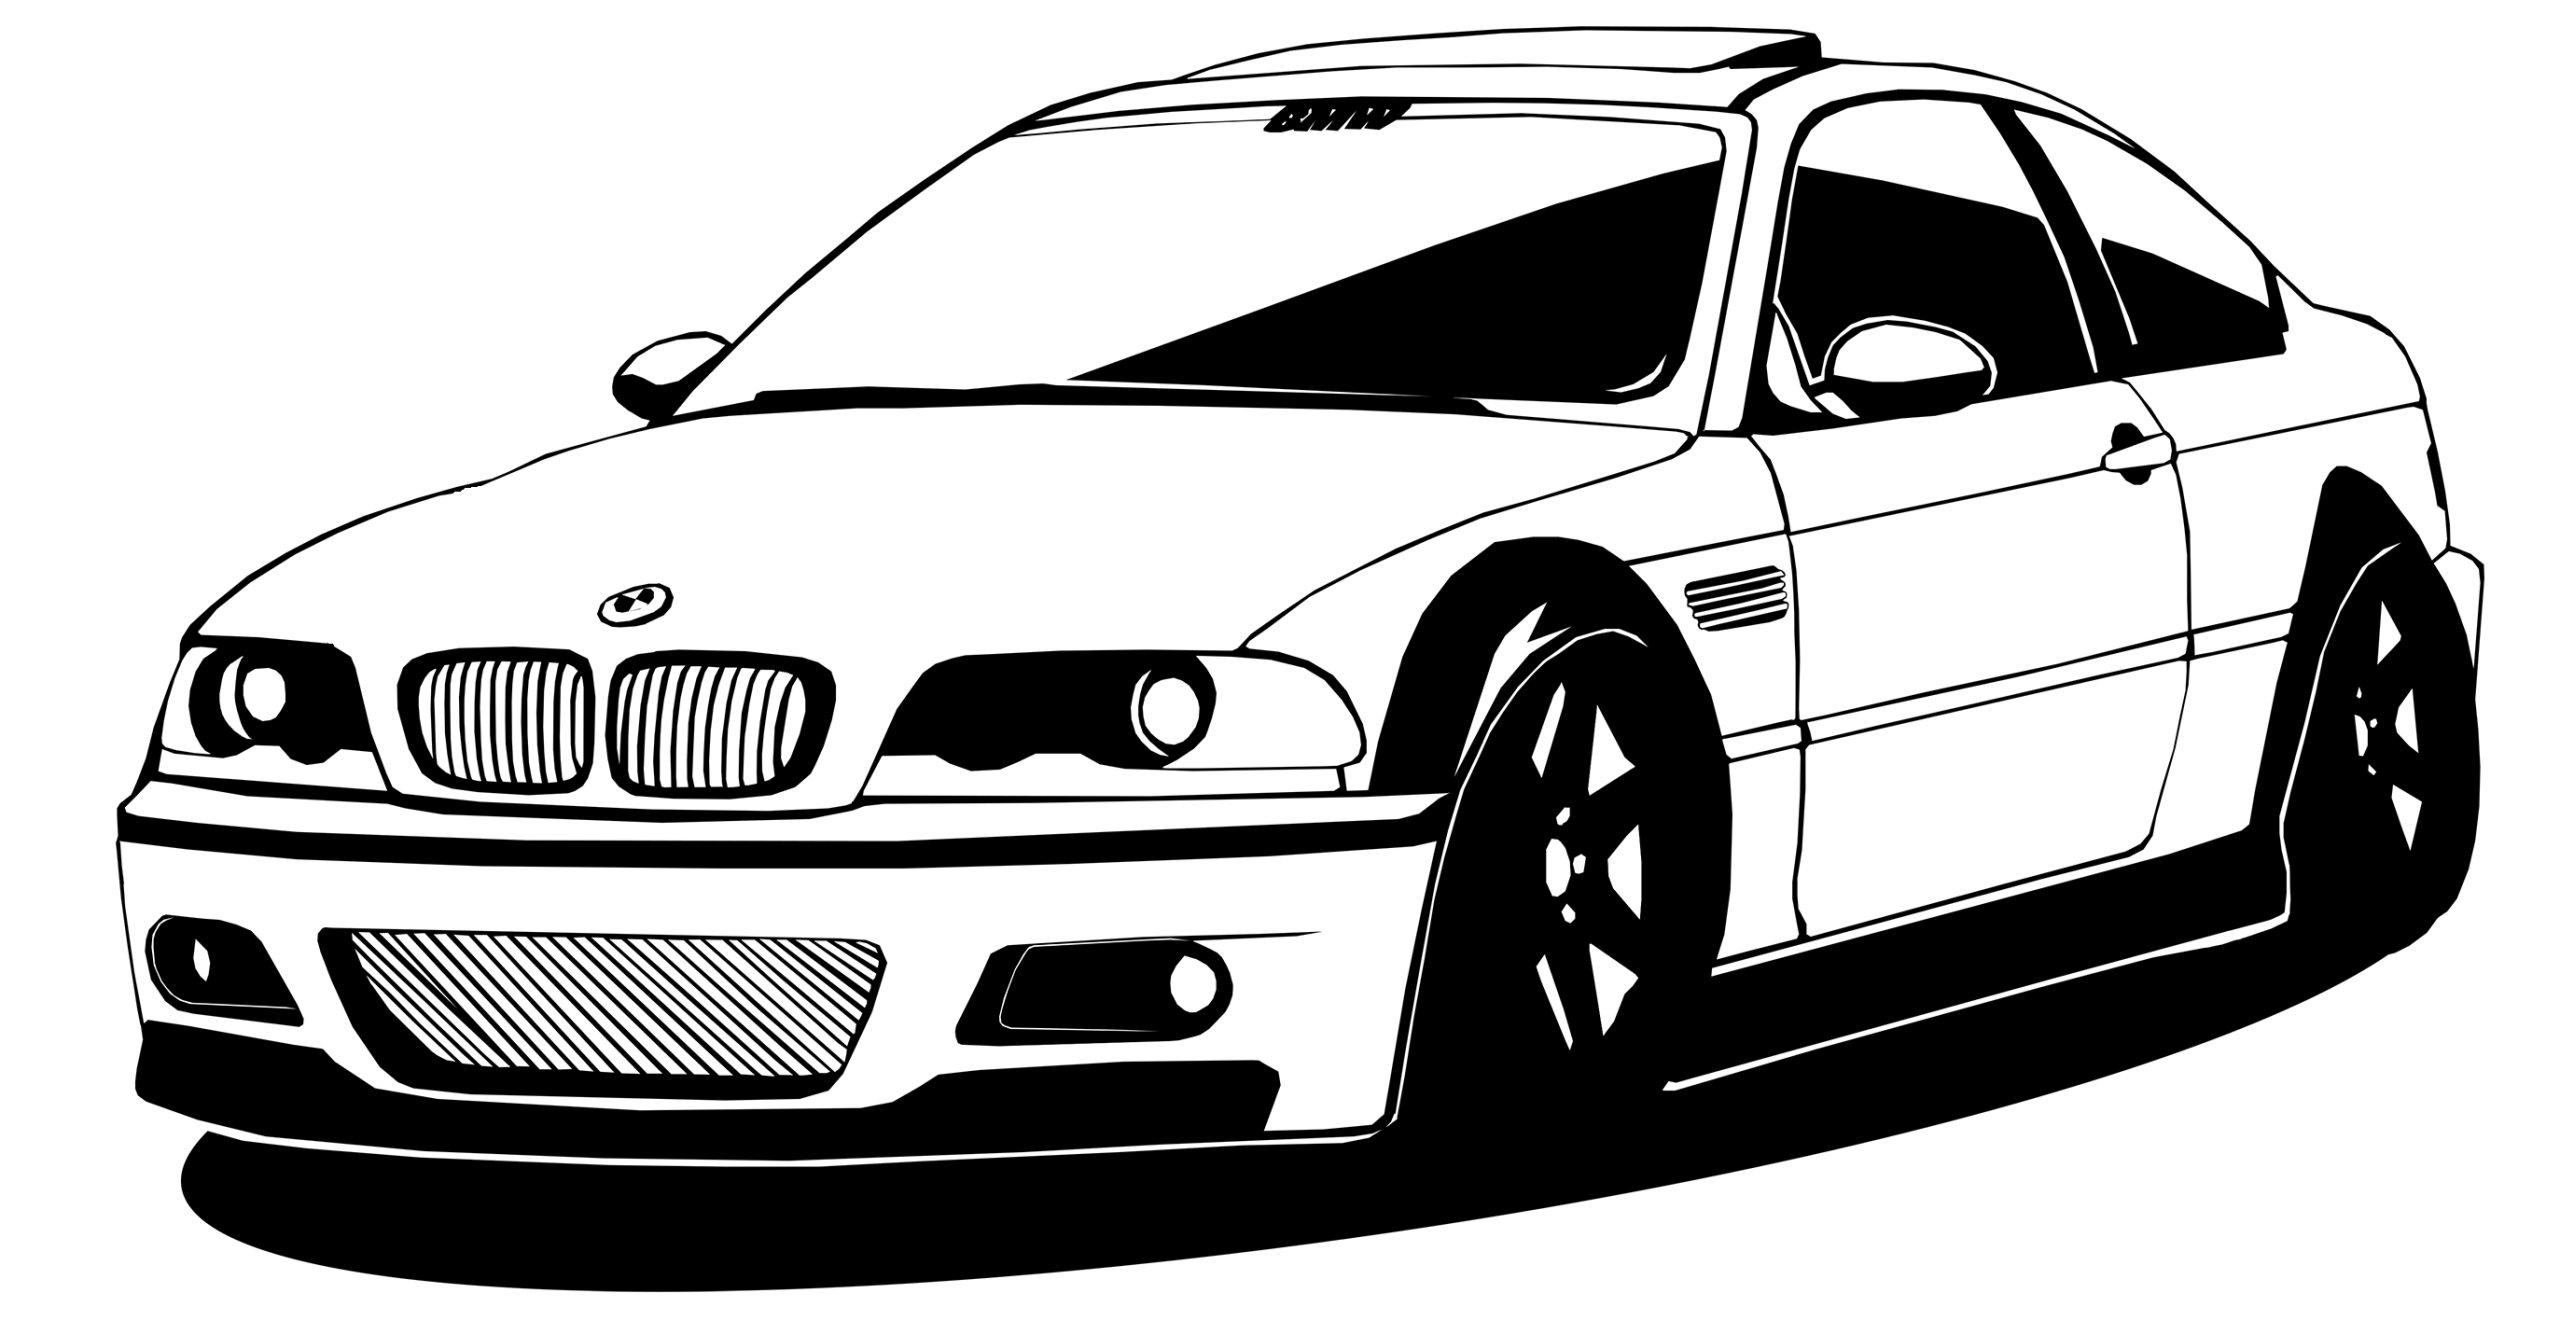 STENY ODTLAČKOVÝ BMW E46 NEMECKÉHO VINTAGE 25X50CM